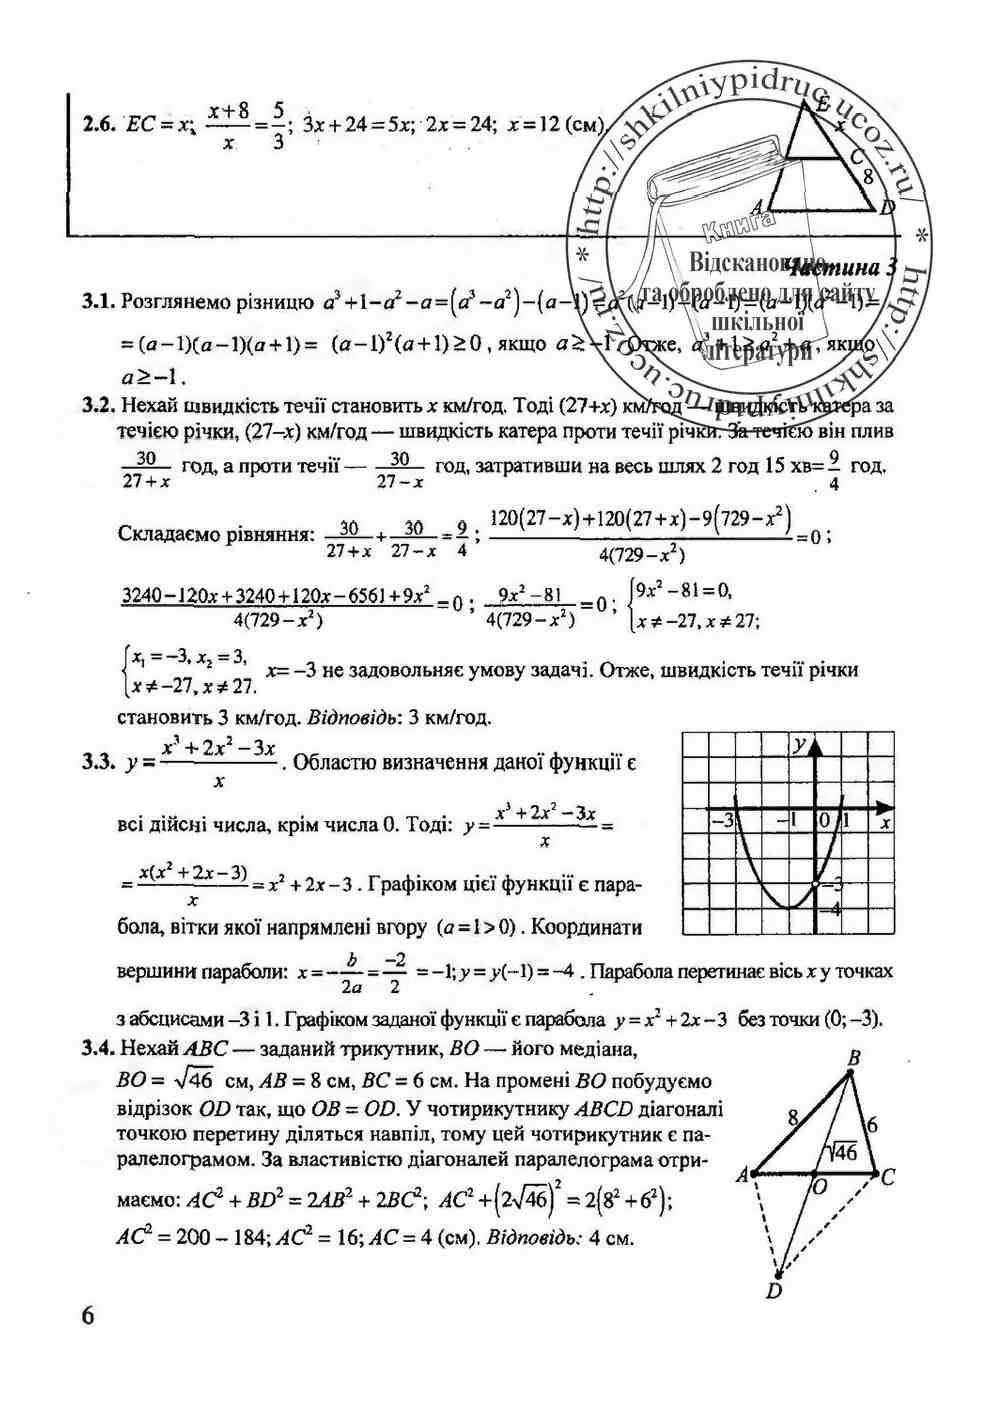 9 класс решебник по 2019 математике дпа